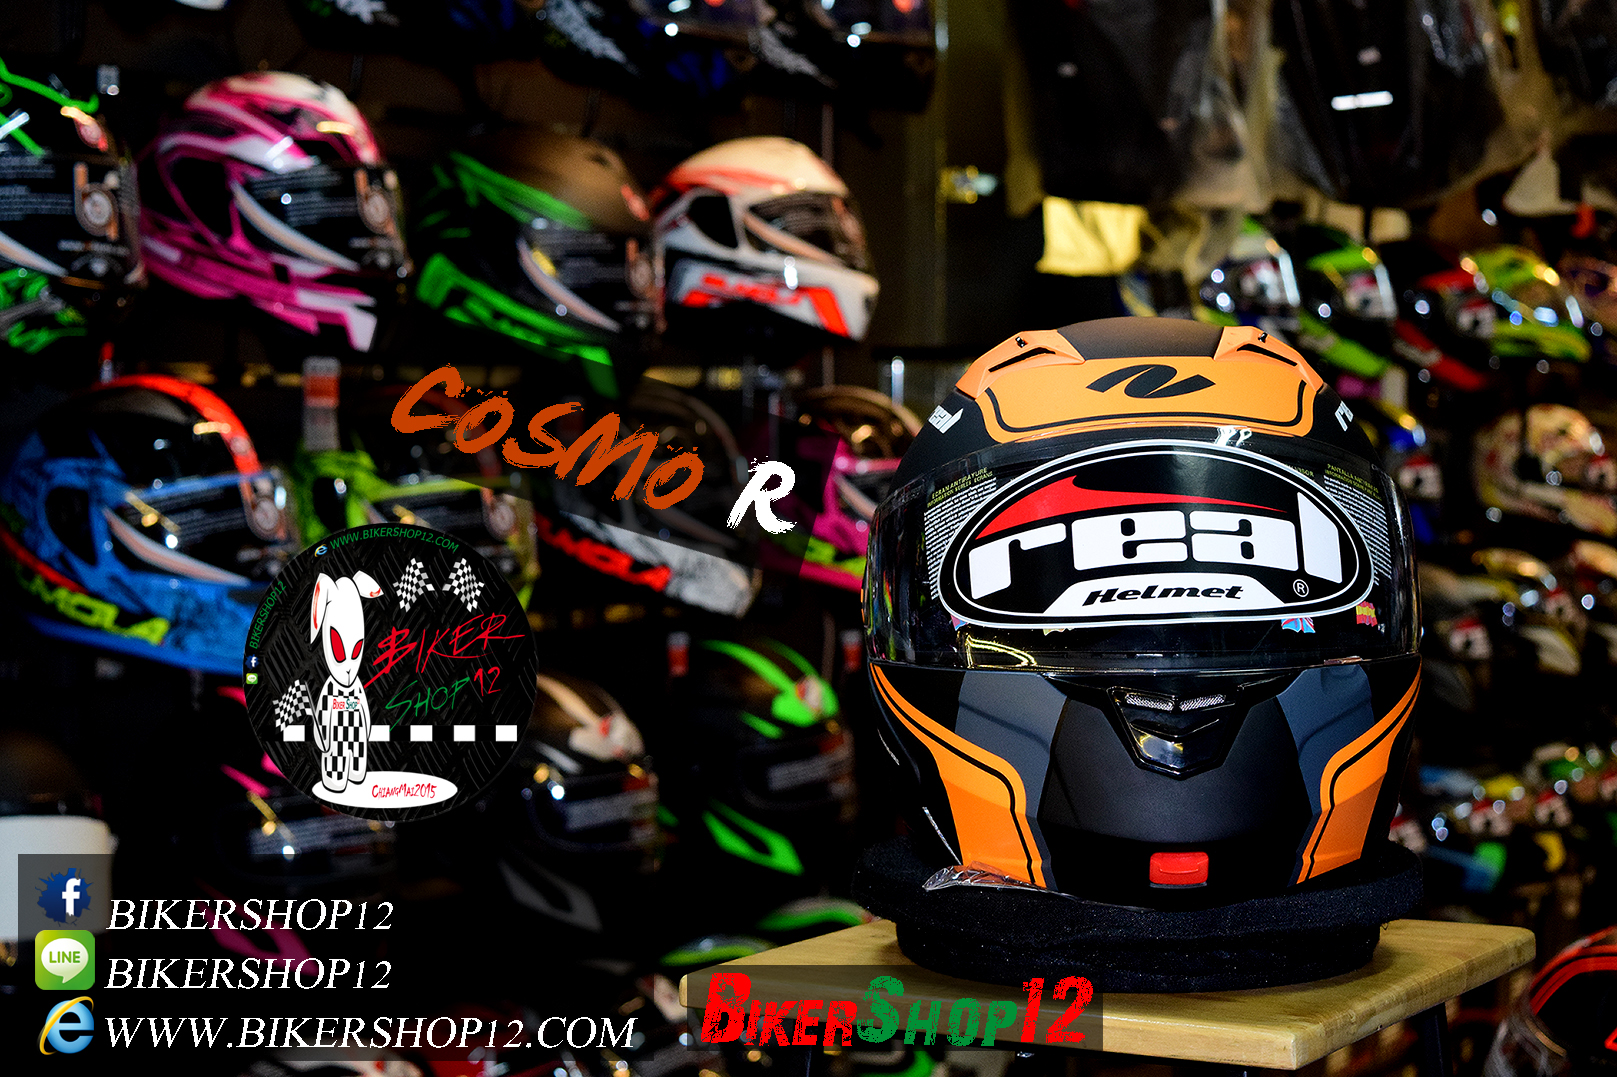 หมวกกันน็อคReal รุ่นCosmo R สีดำ-ส้มด้าน